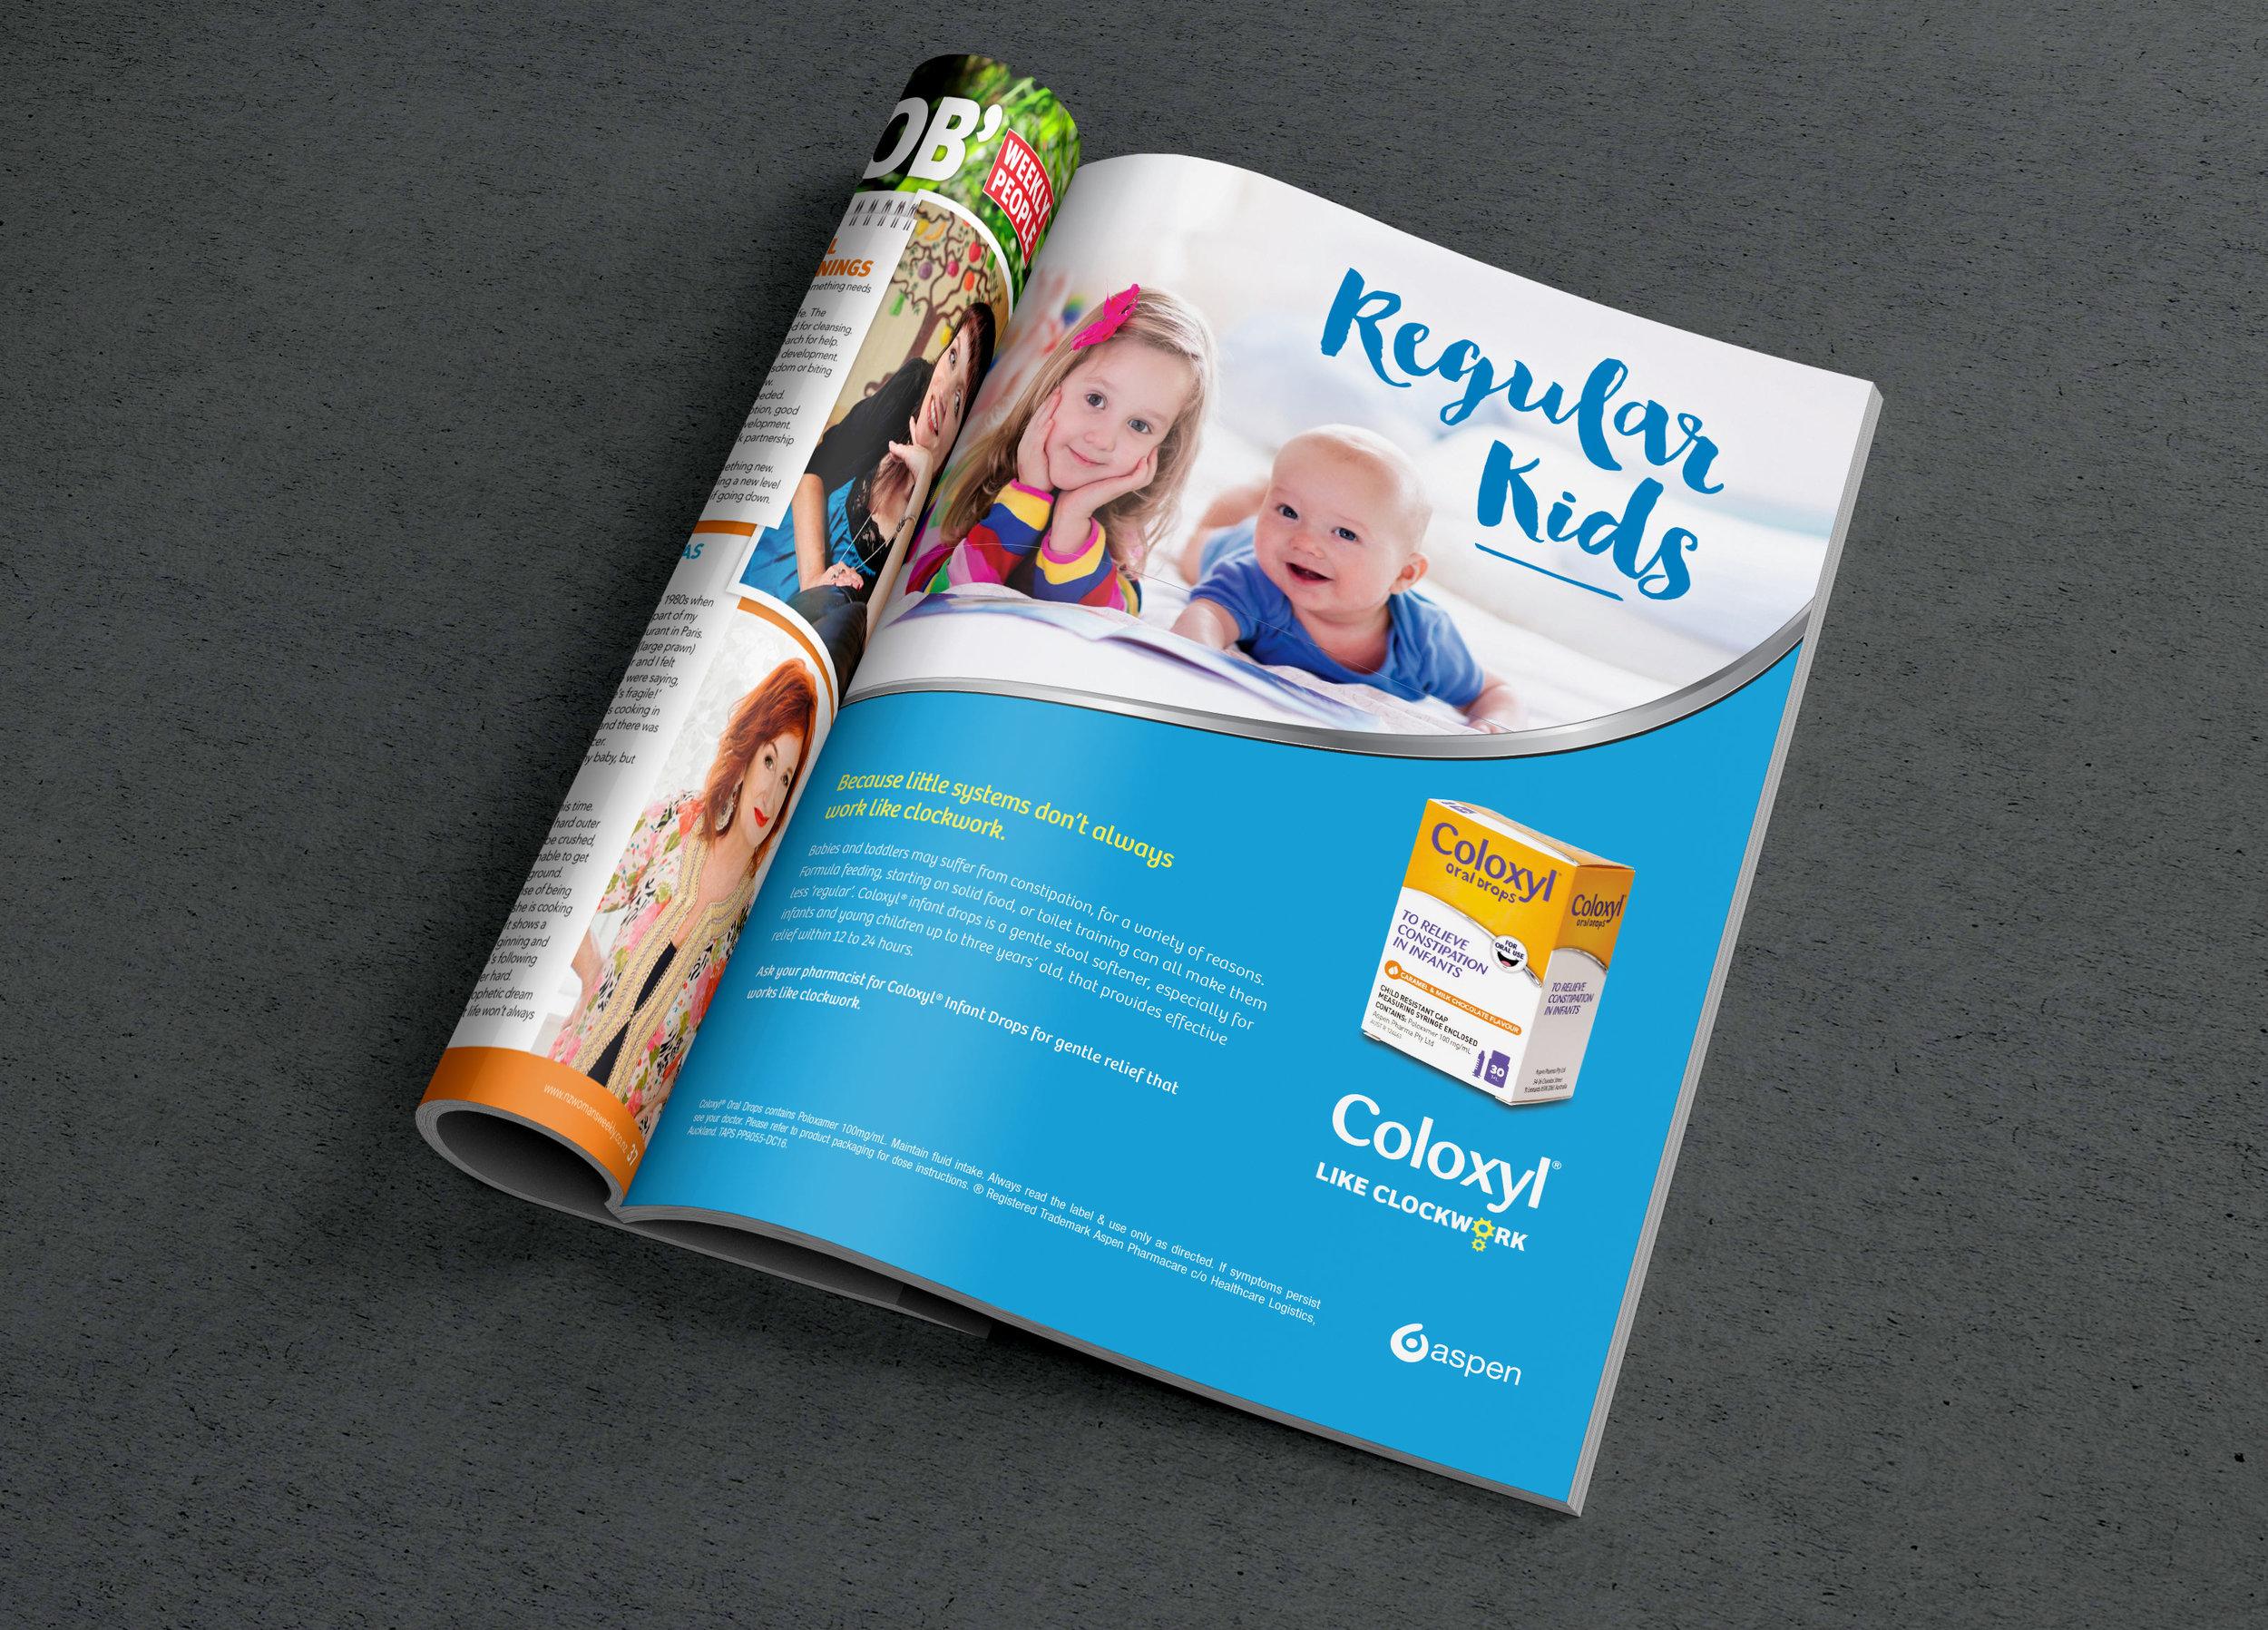 Coloxyl - Consumer campaign: creative direction, design